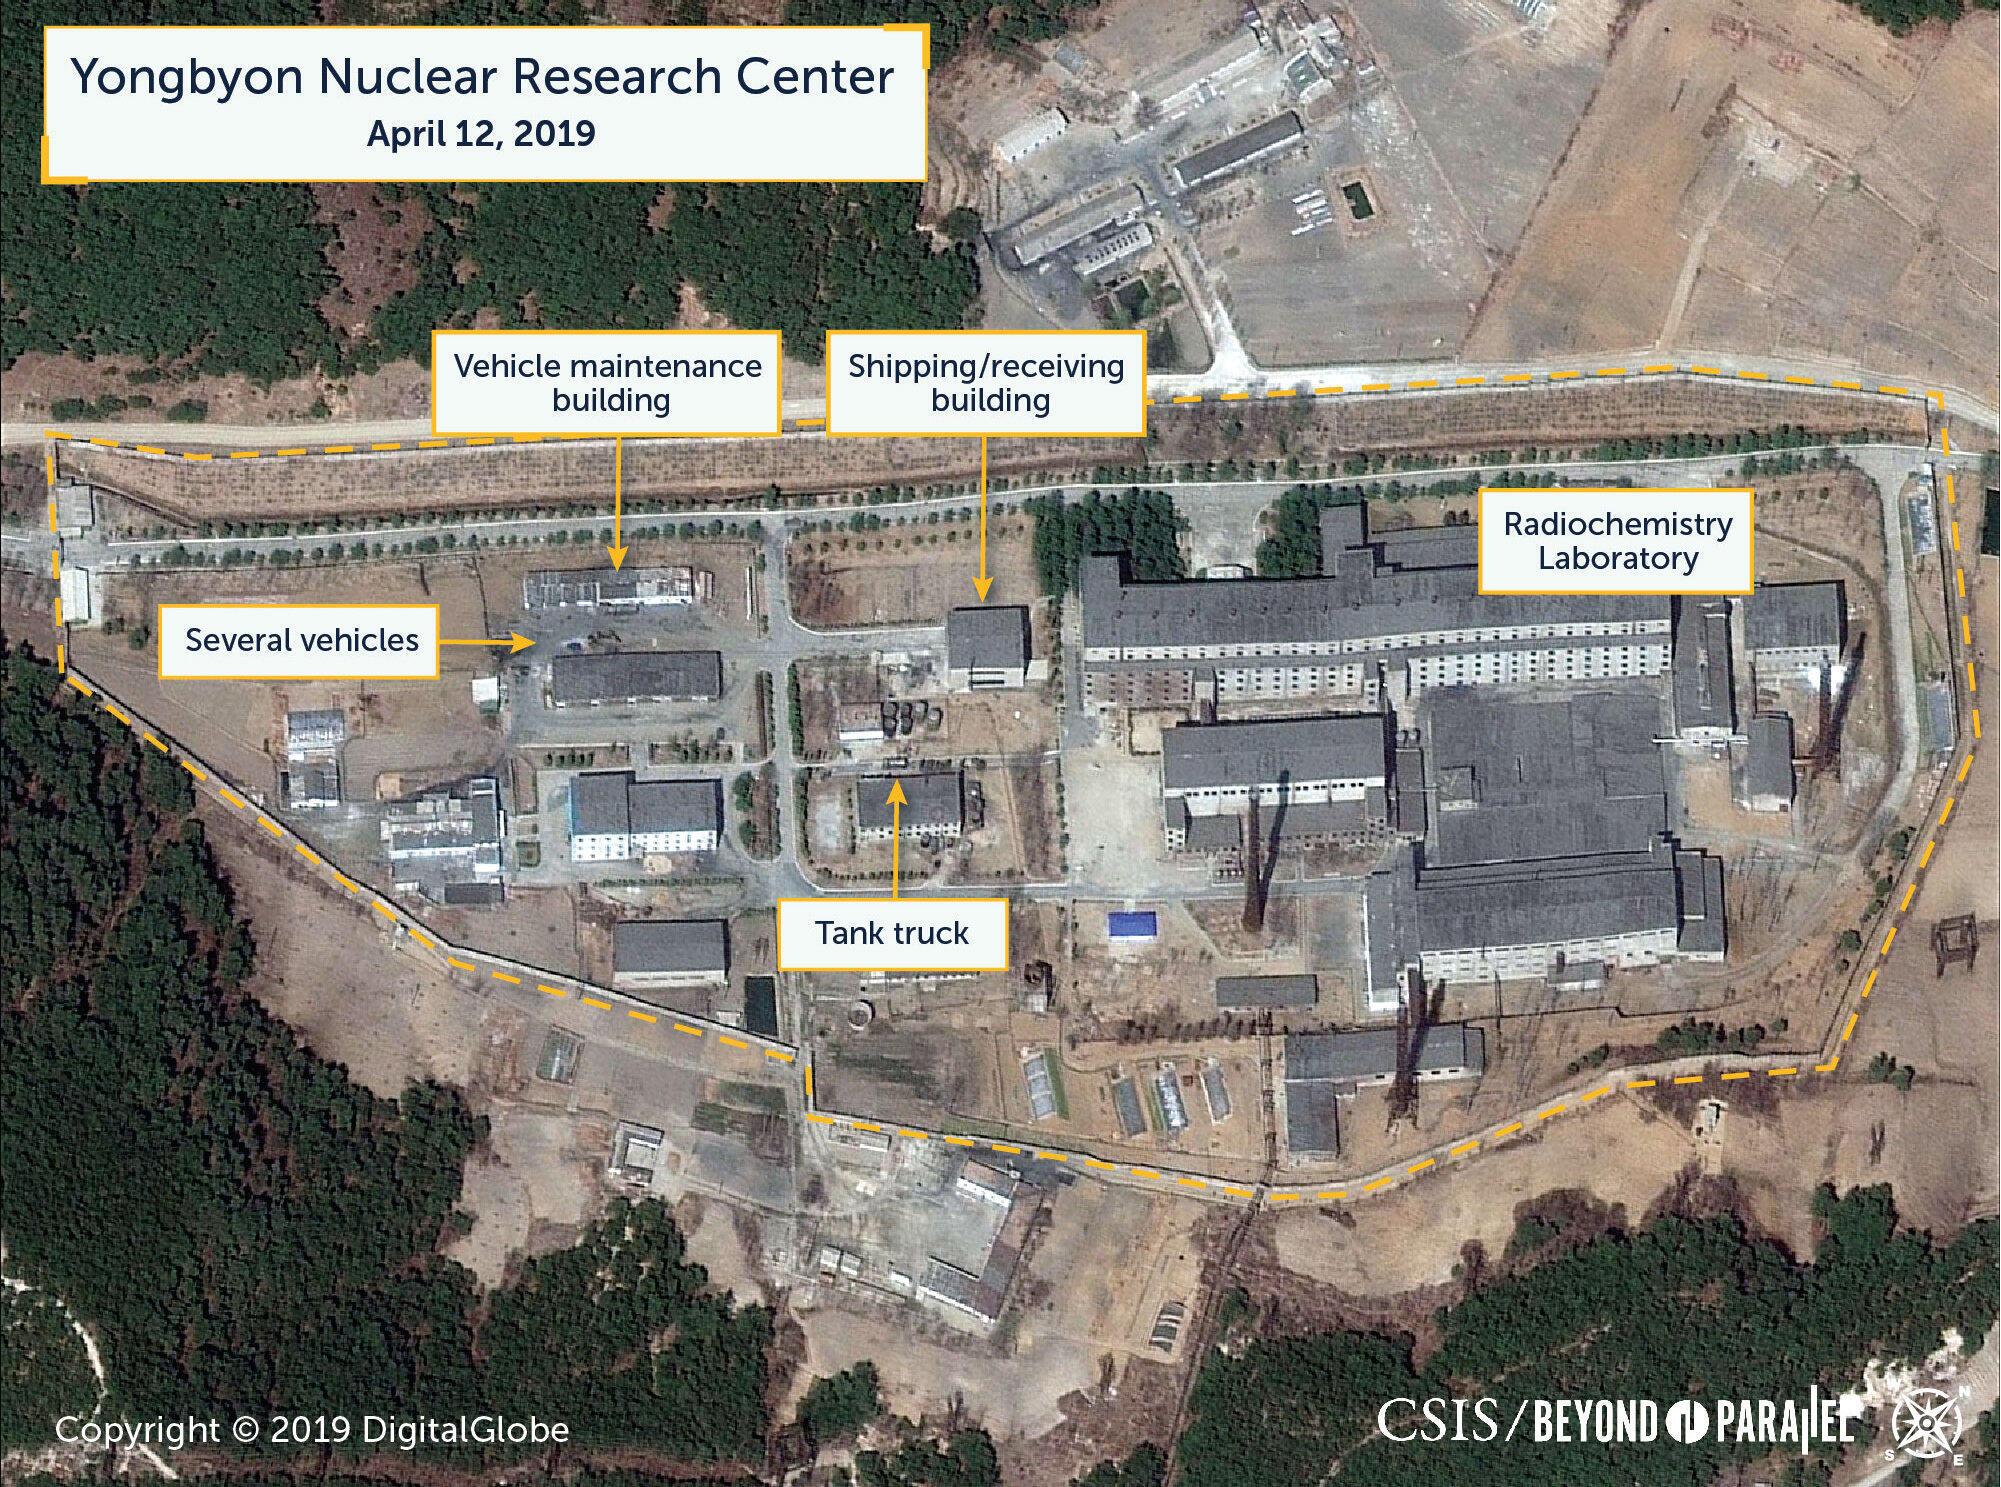 Bắc Triều Tiên : Ảnh vệ tinh chụp cơ sở hạt nhân Yongbyong, được công bố ngày 16/04/2019.